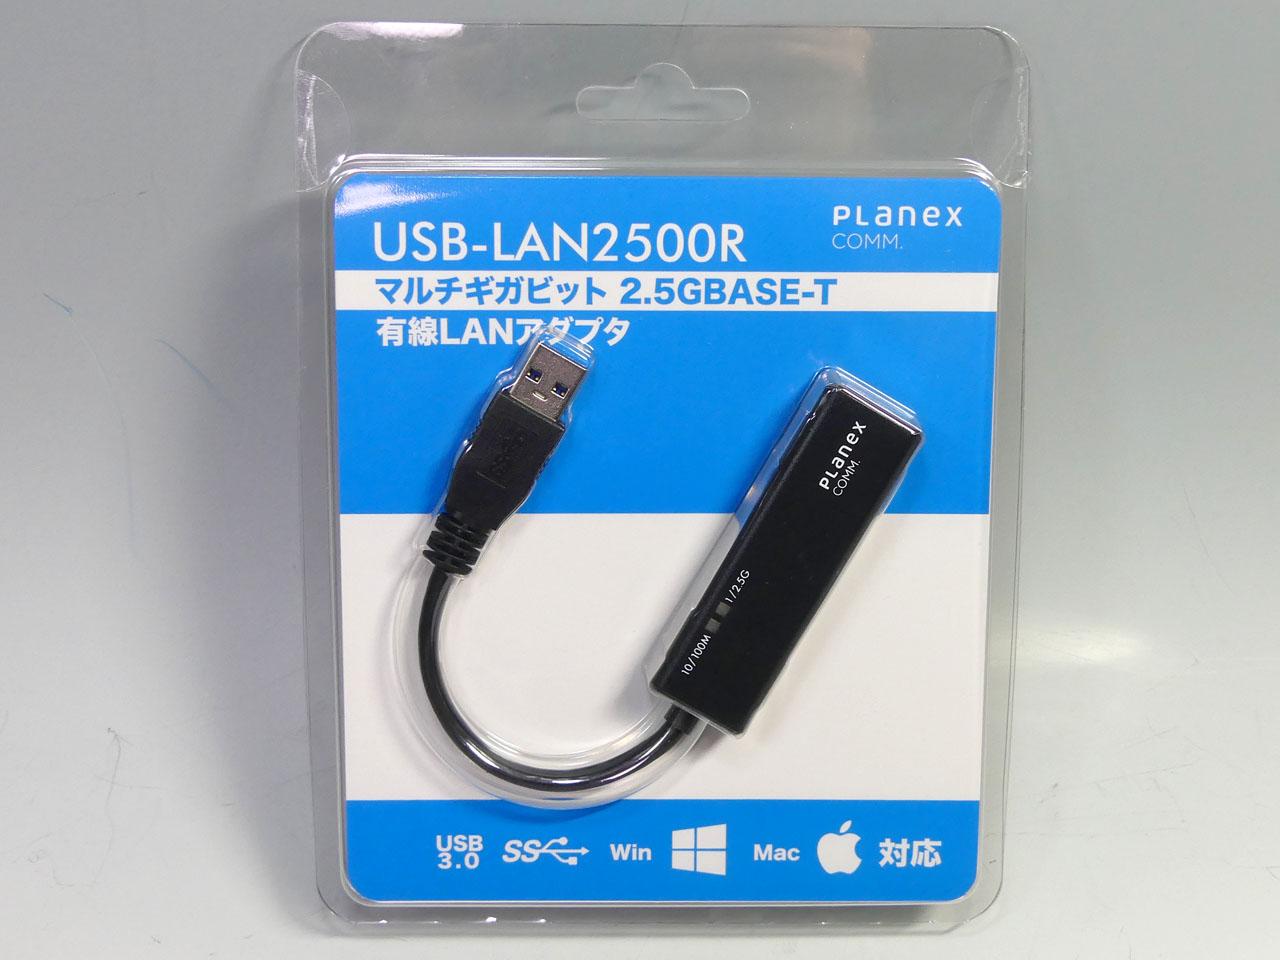 プラネックス「USB-LAN2500R」の製品パッケージ